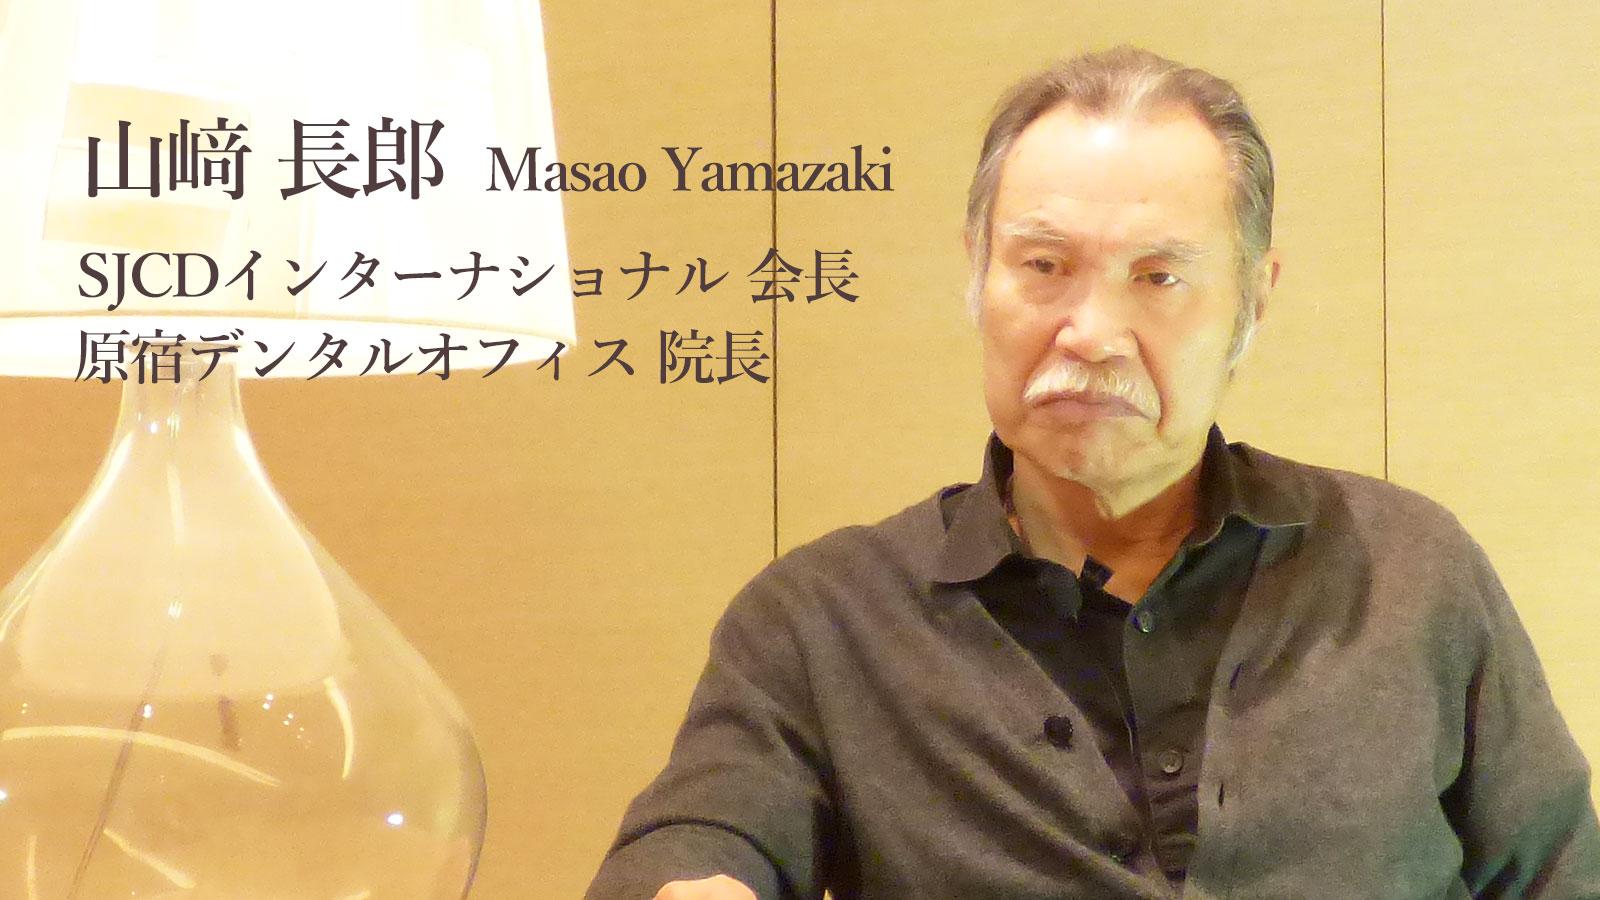 山﨑長郎先生 前編『キャリアと SJCD 創設の道のり』の画像です